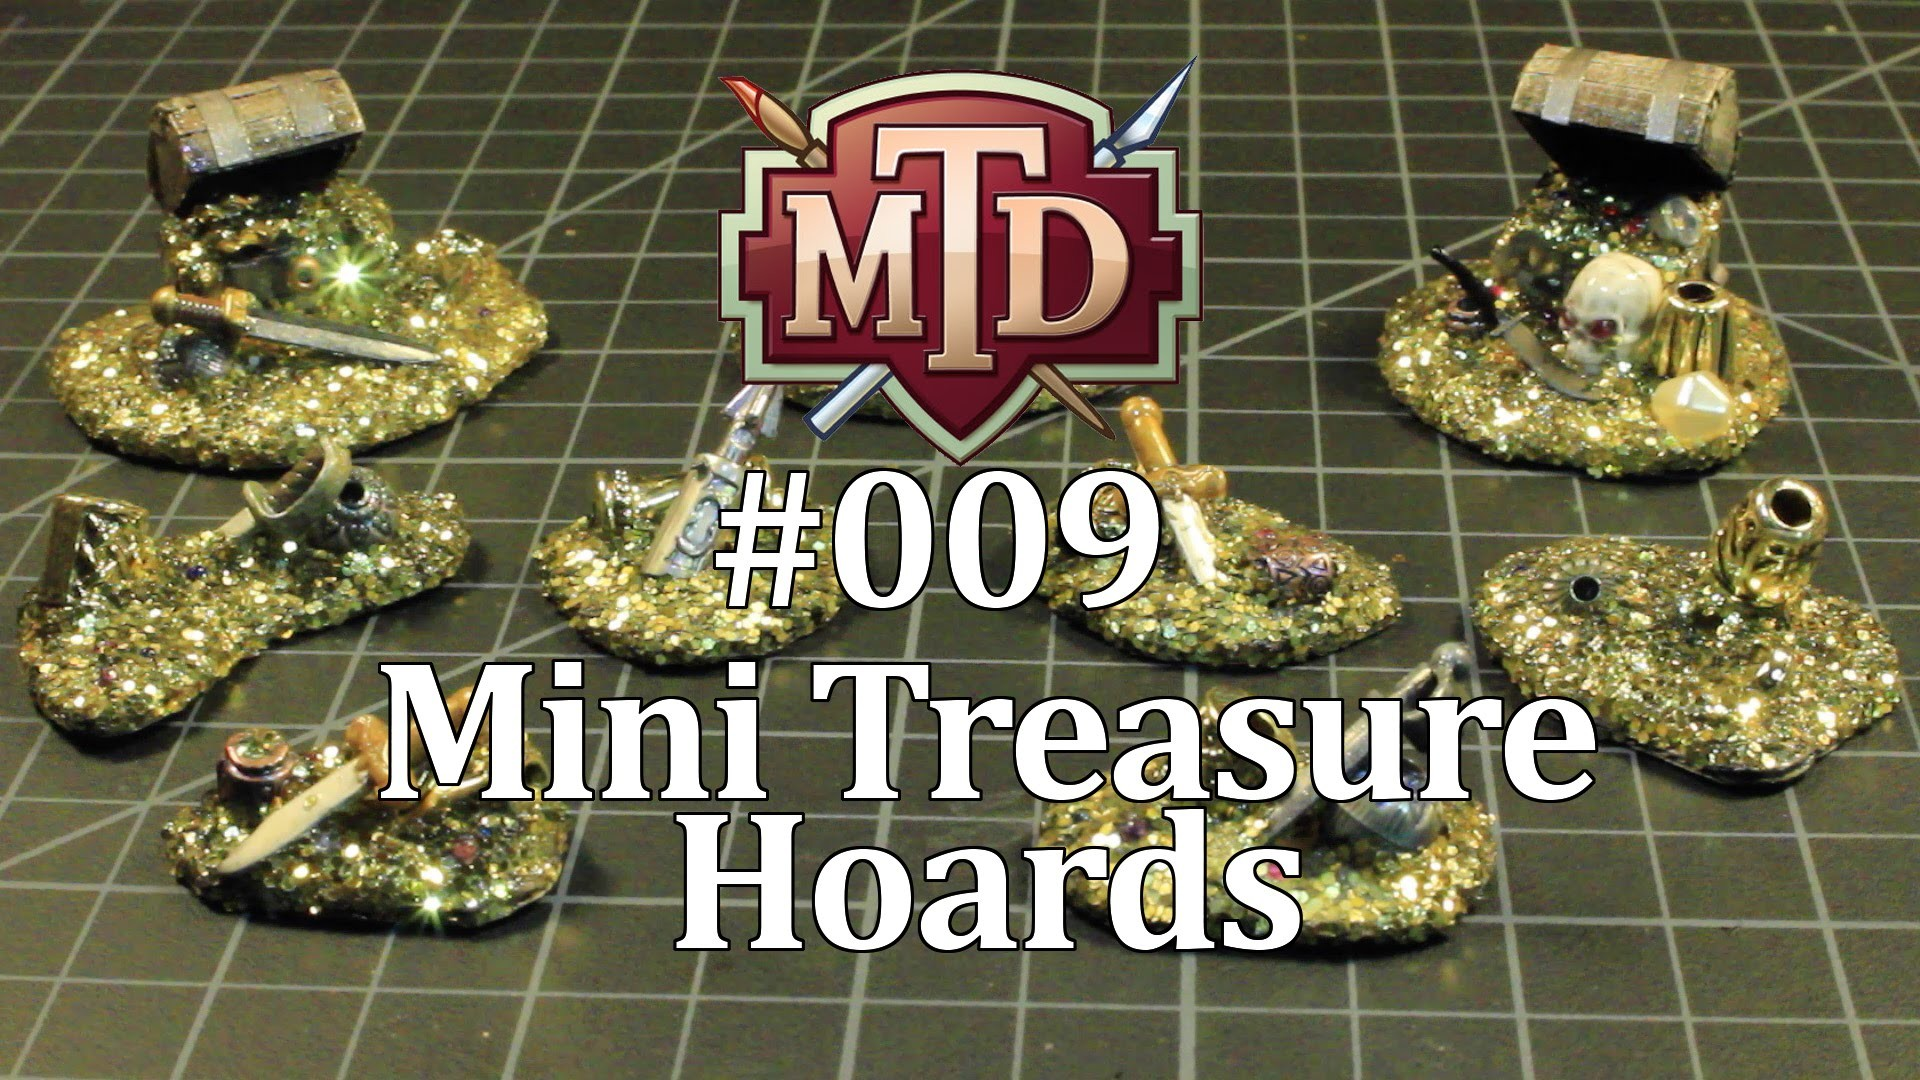 How to Make Miniature Treasure Hoards